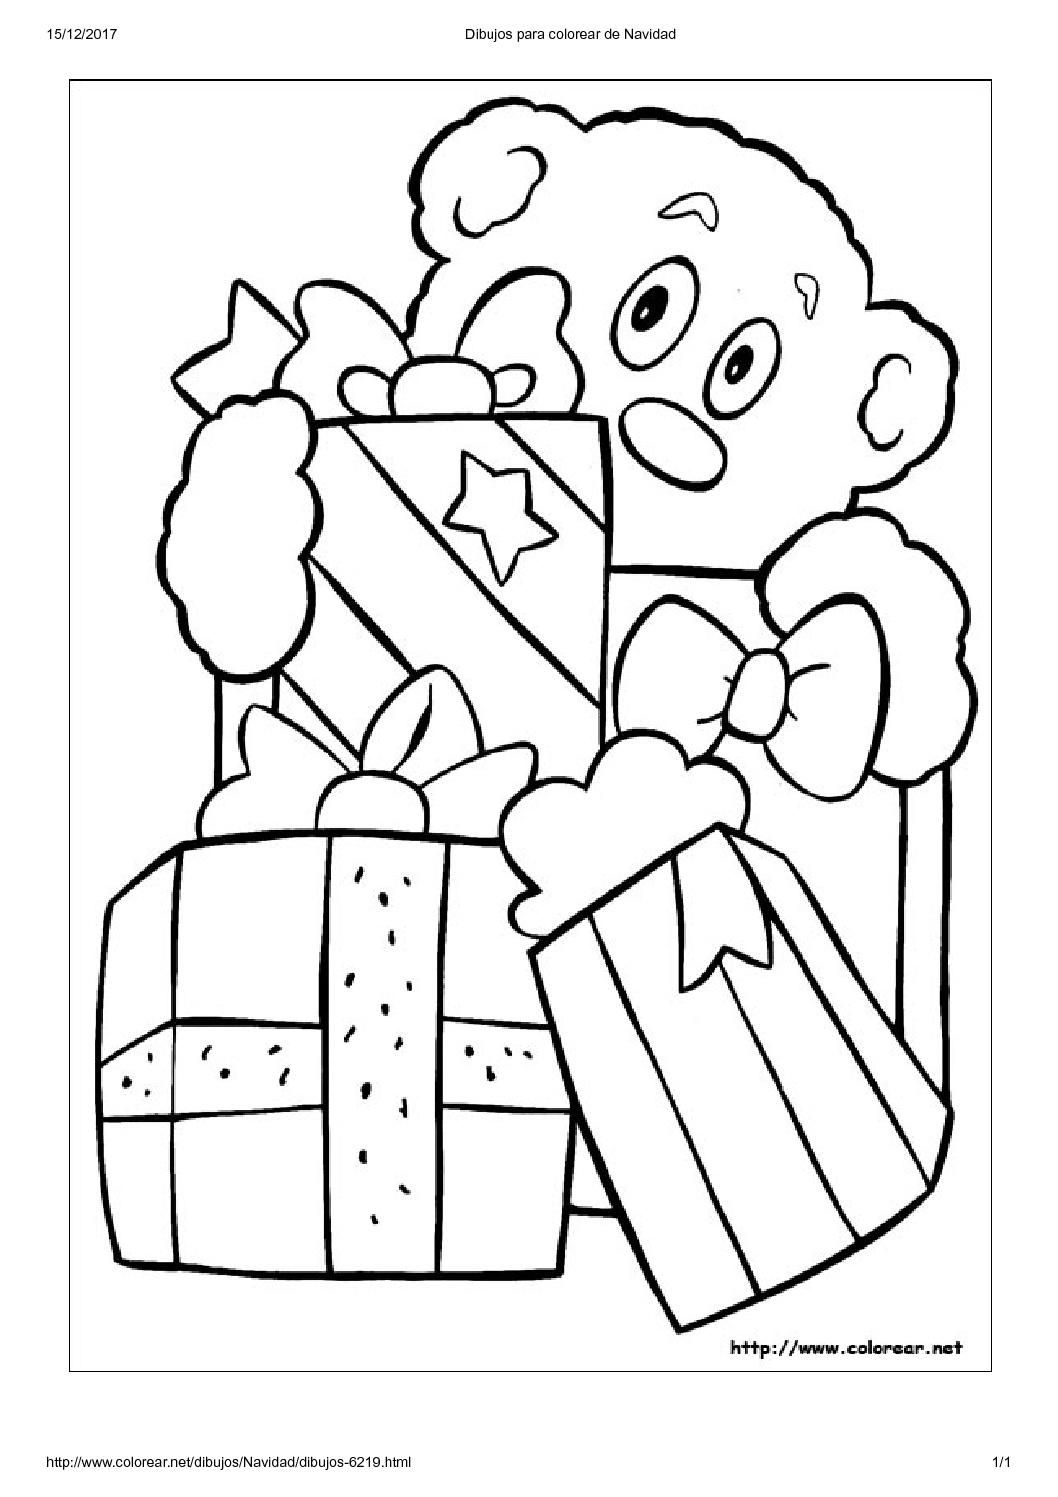 Agencia de niñeras en Madrid | Dibujos para colorear de Navidad8 ...